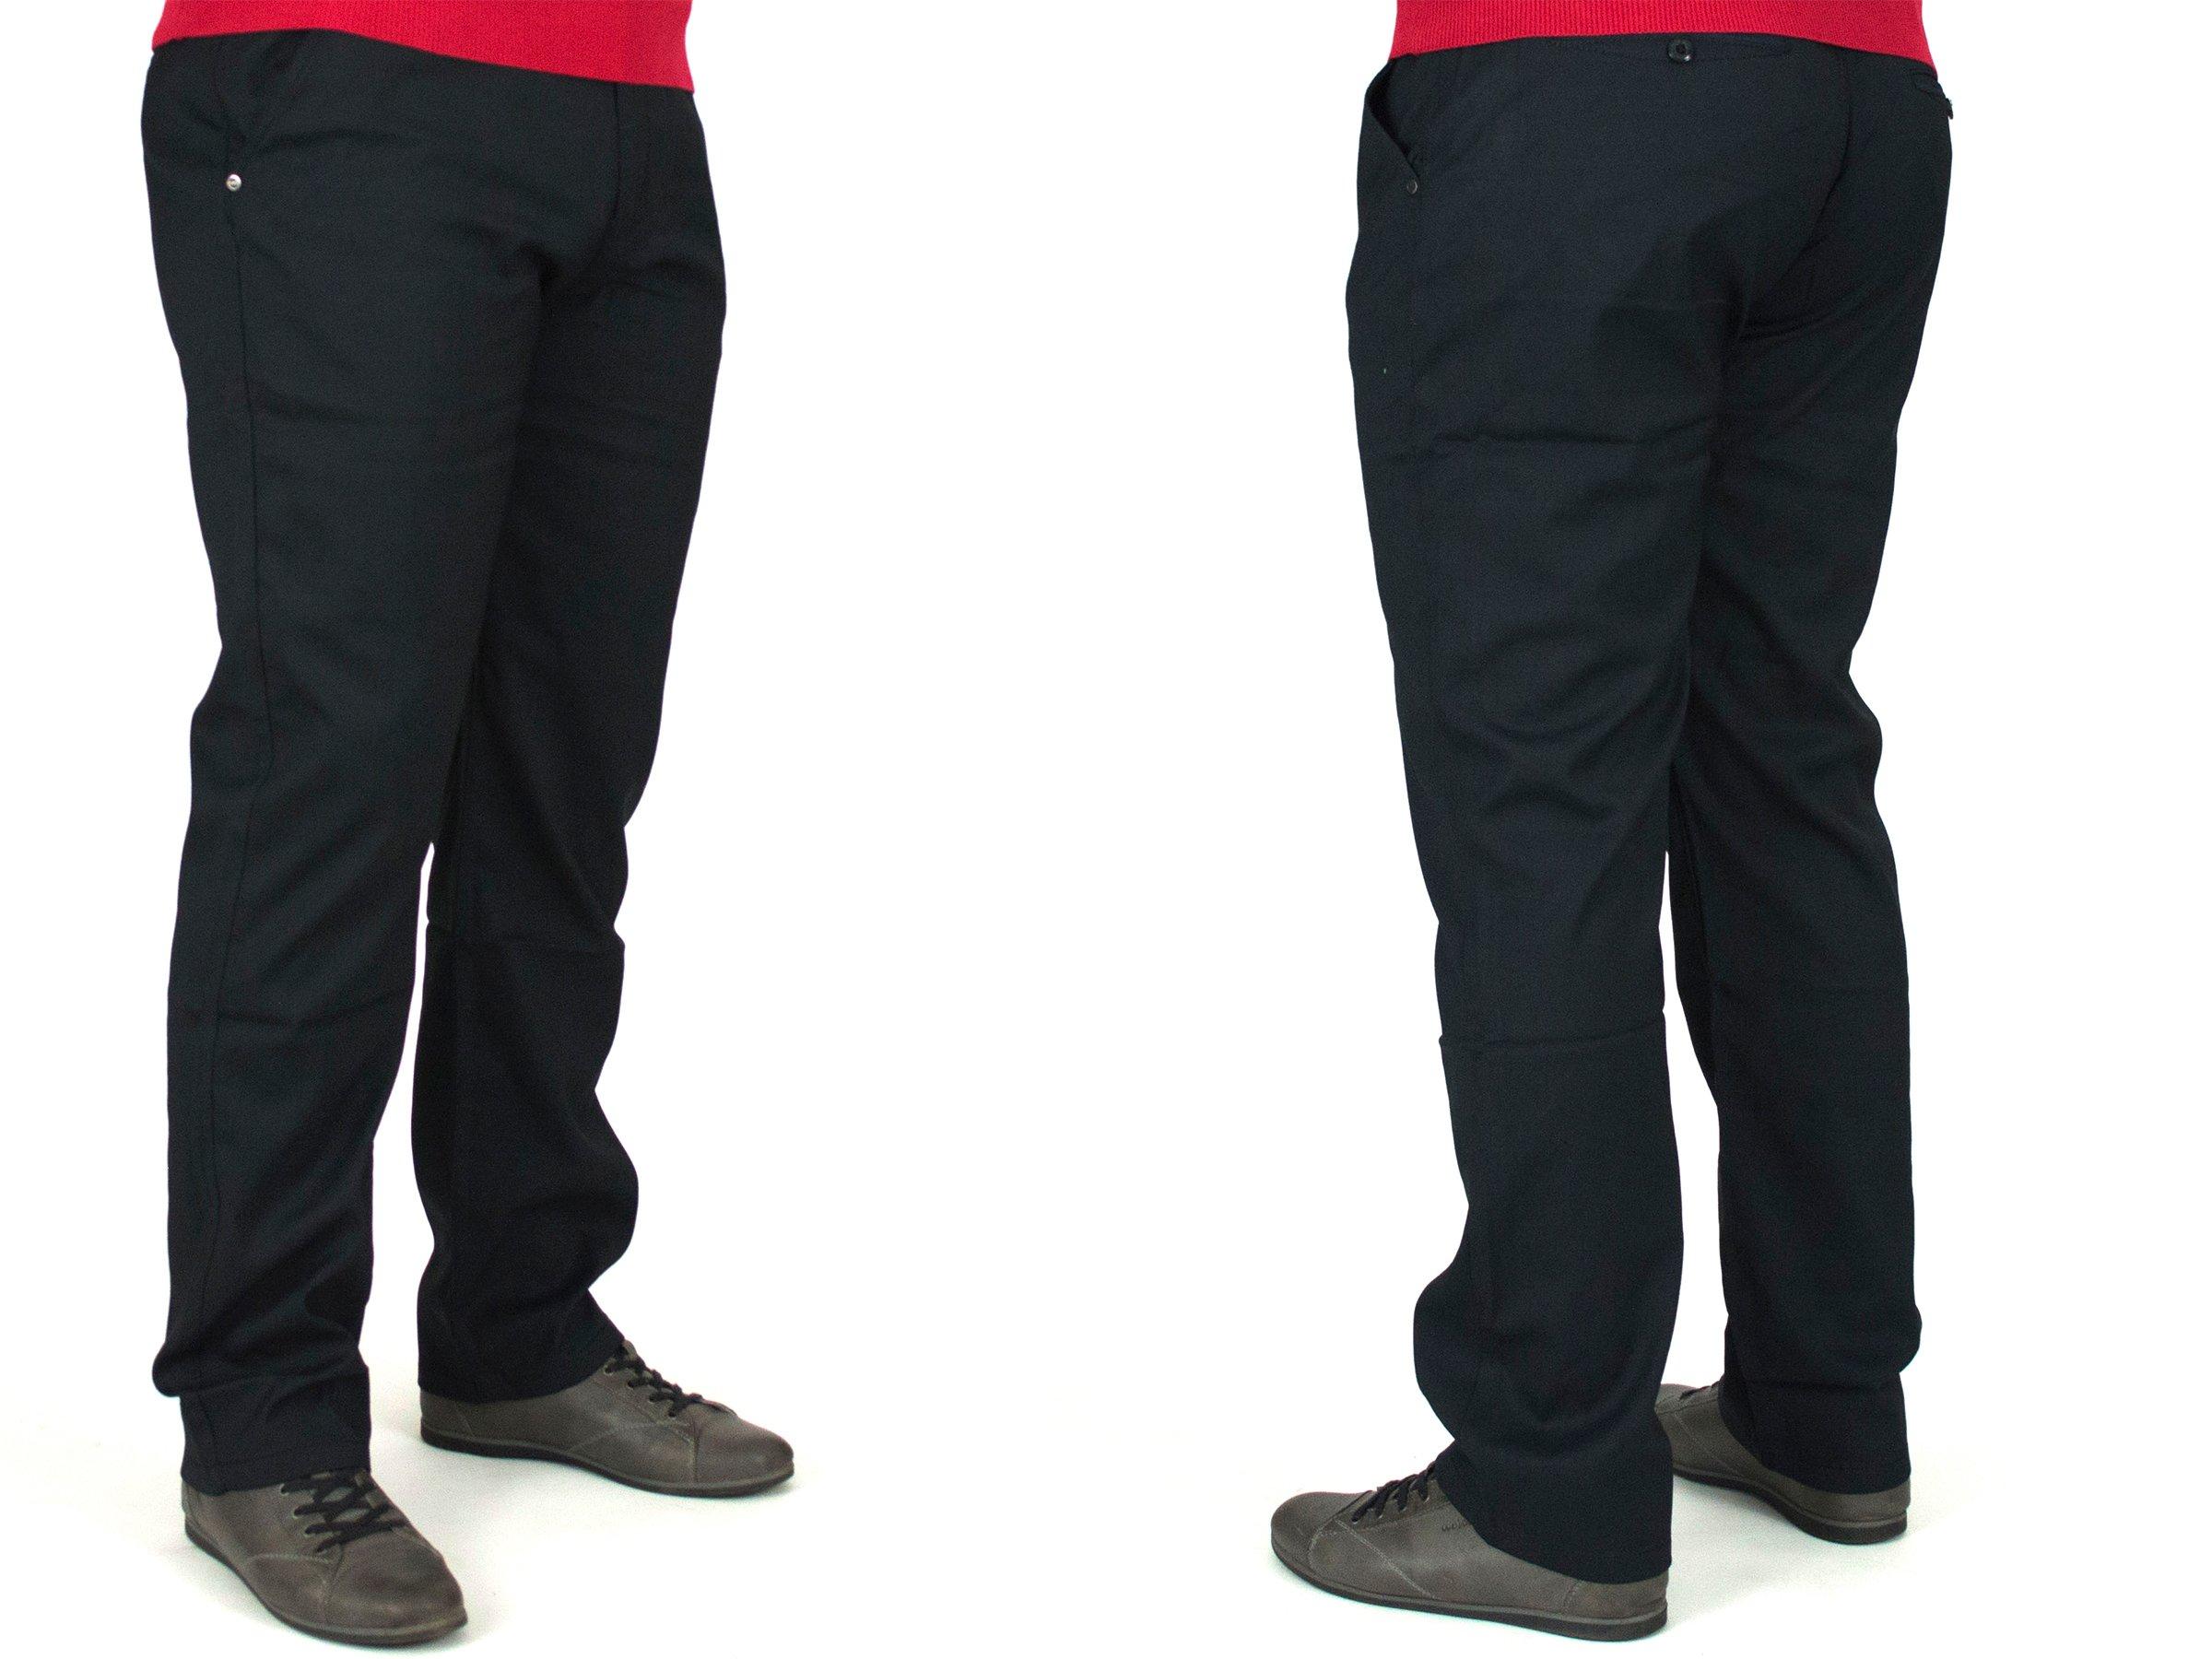 86128f71e3f9d Spodnie męskie wizytowe W:48 128CM S1052 BAWEŁNA - 7158366619 ...